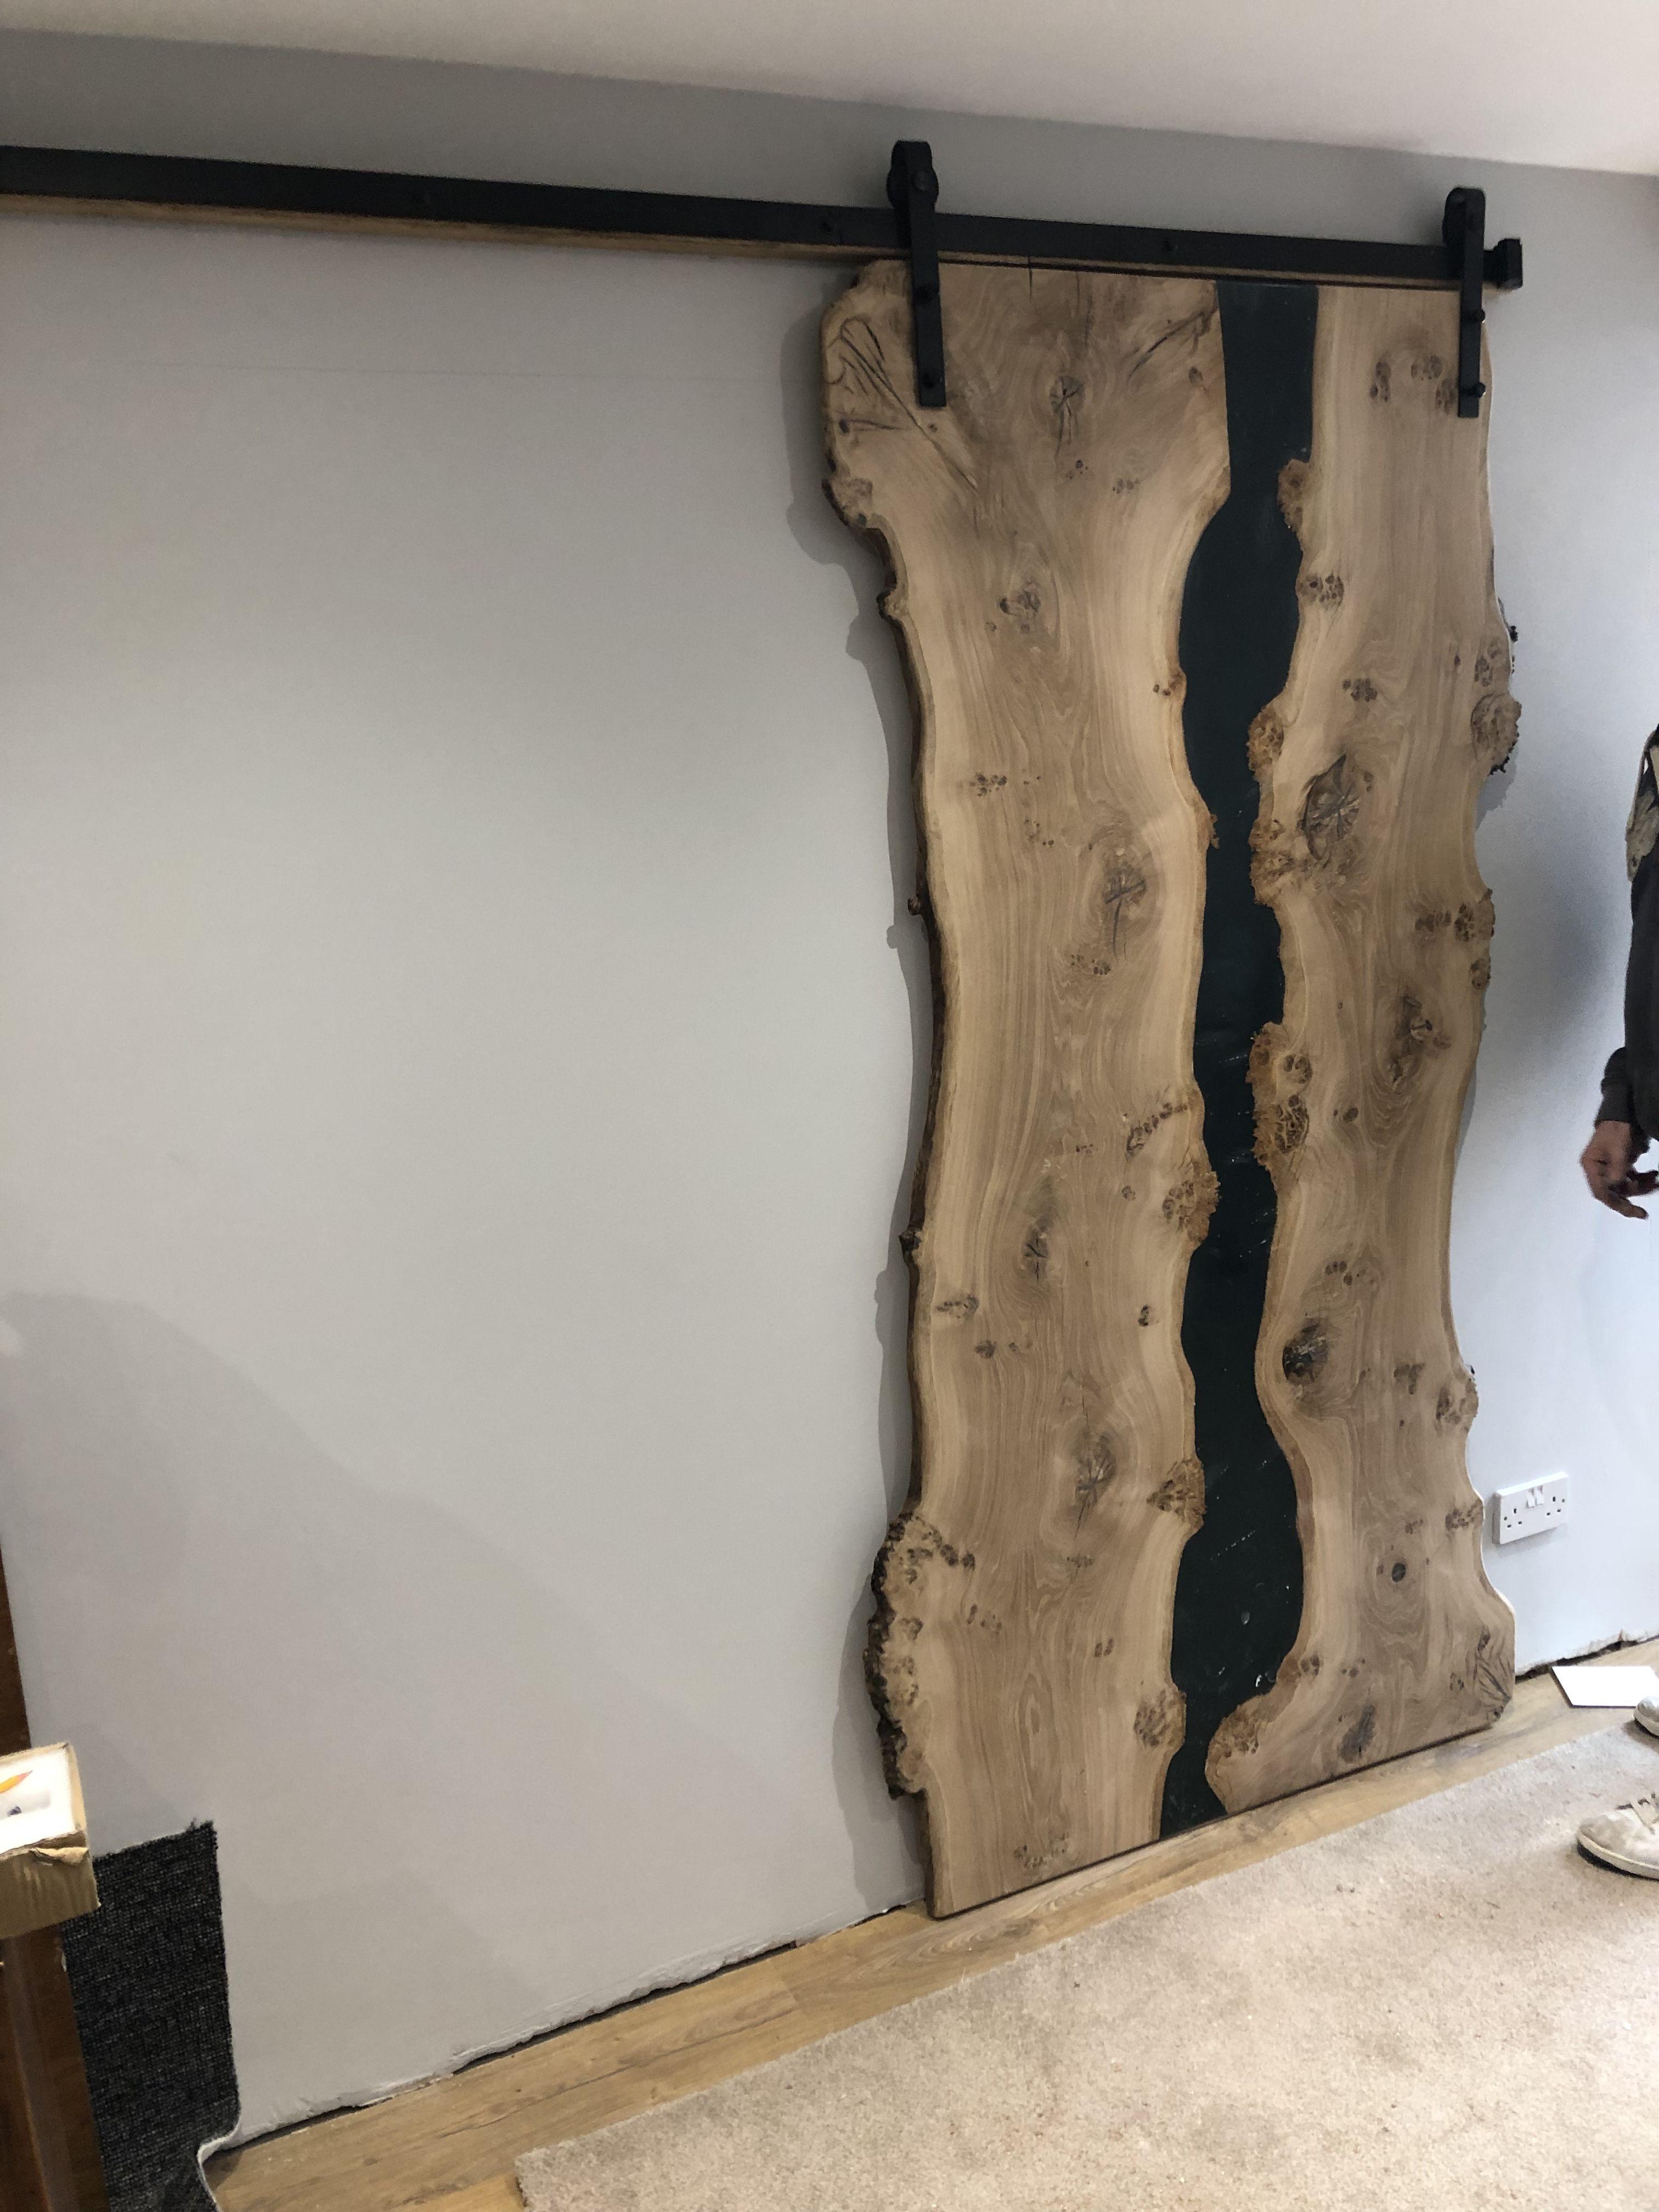 Resin And Burr Oak Bedroom Door Installed Doors Rustic Home Design Door Installation